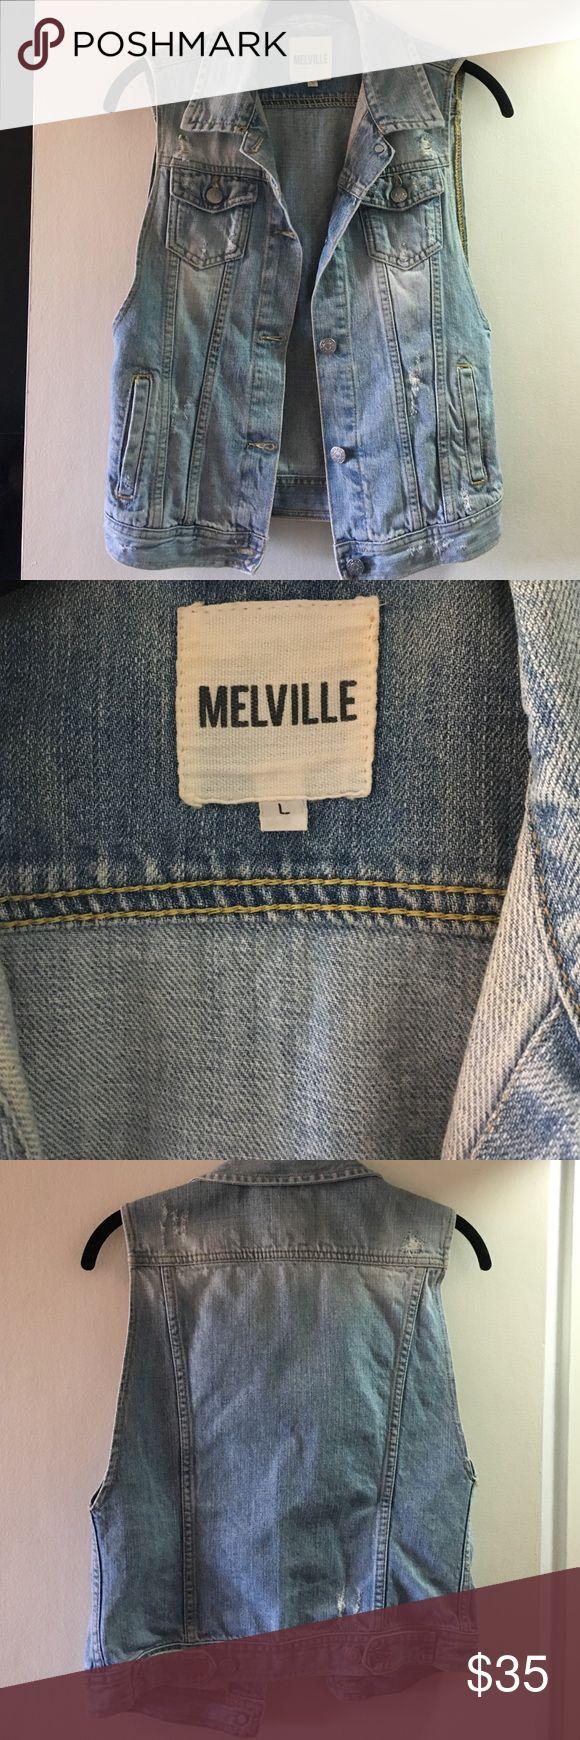 Brandy Melville denim vest Distressed denim vest Brandy Melville Jackets & Coats Vests